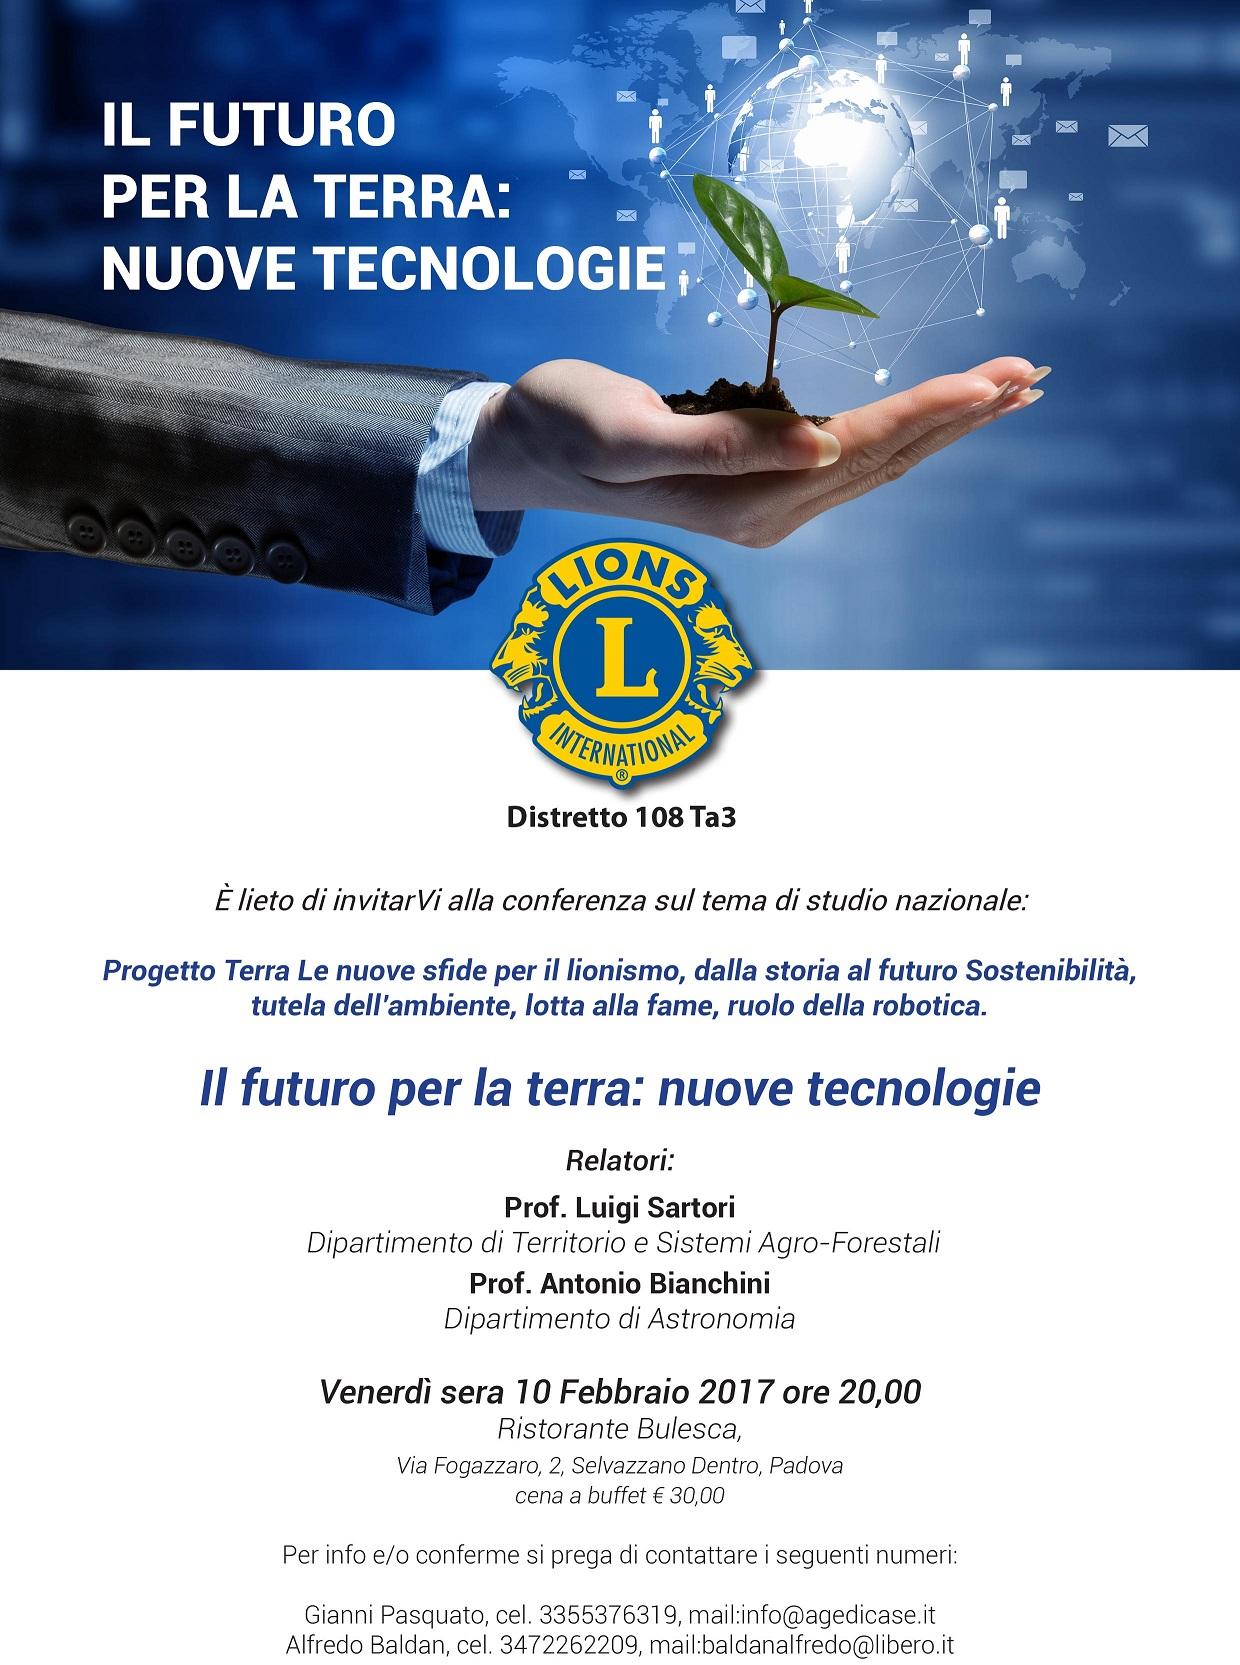 Il futuro per la terra - Nuove Tecnologie 1